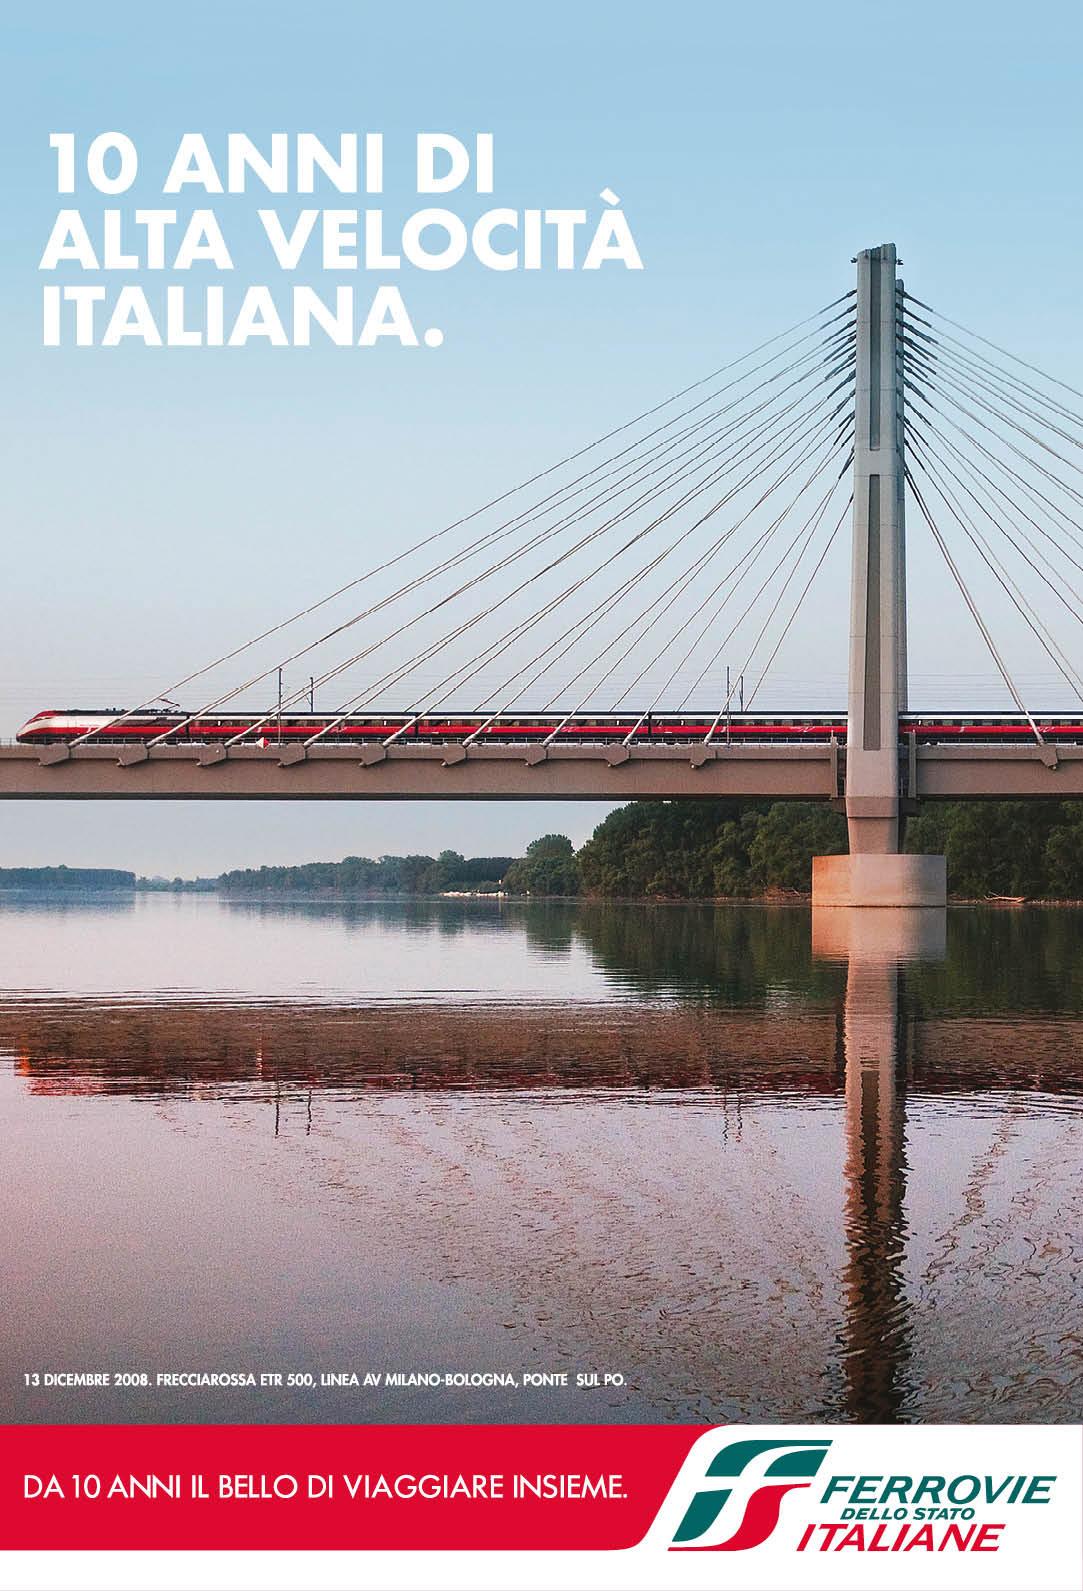 freccia rossa 10 anni di alta velocità italiana